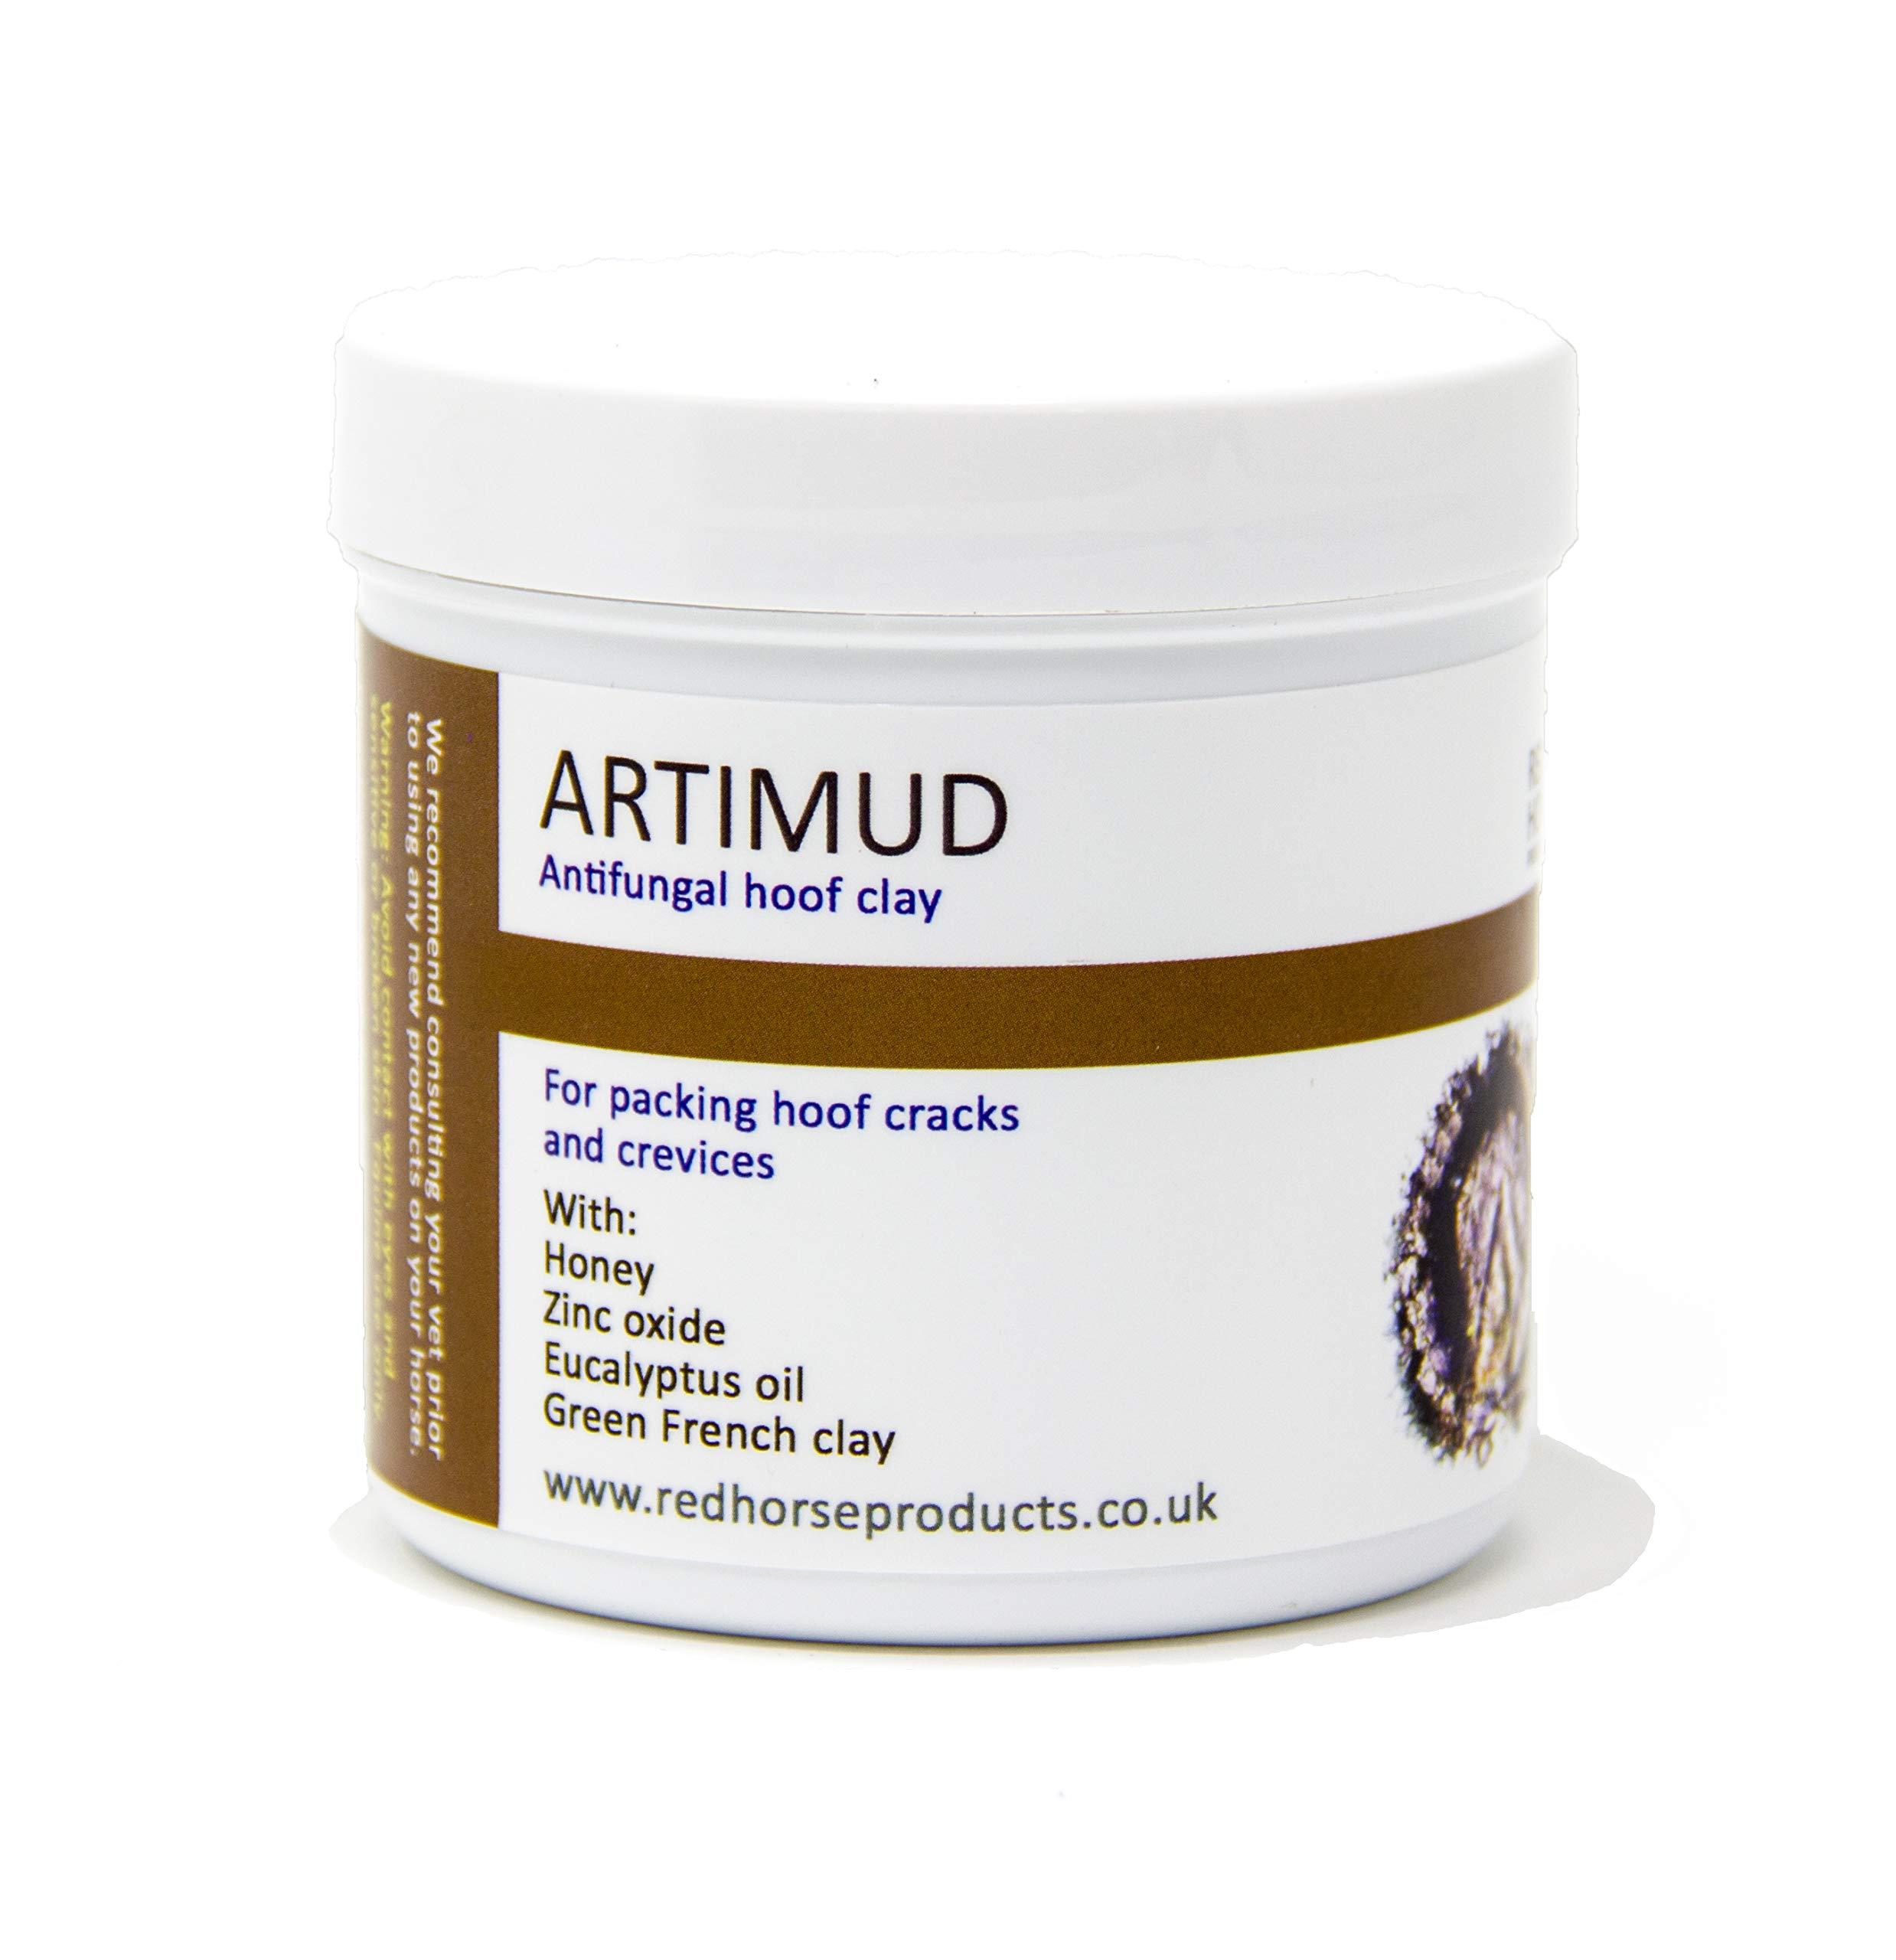 Artimud Hoof Clay 190 ml by Artimud